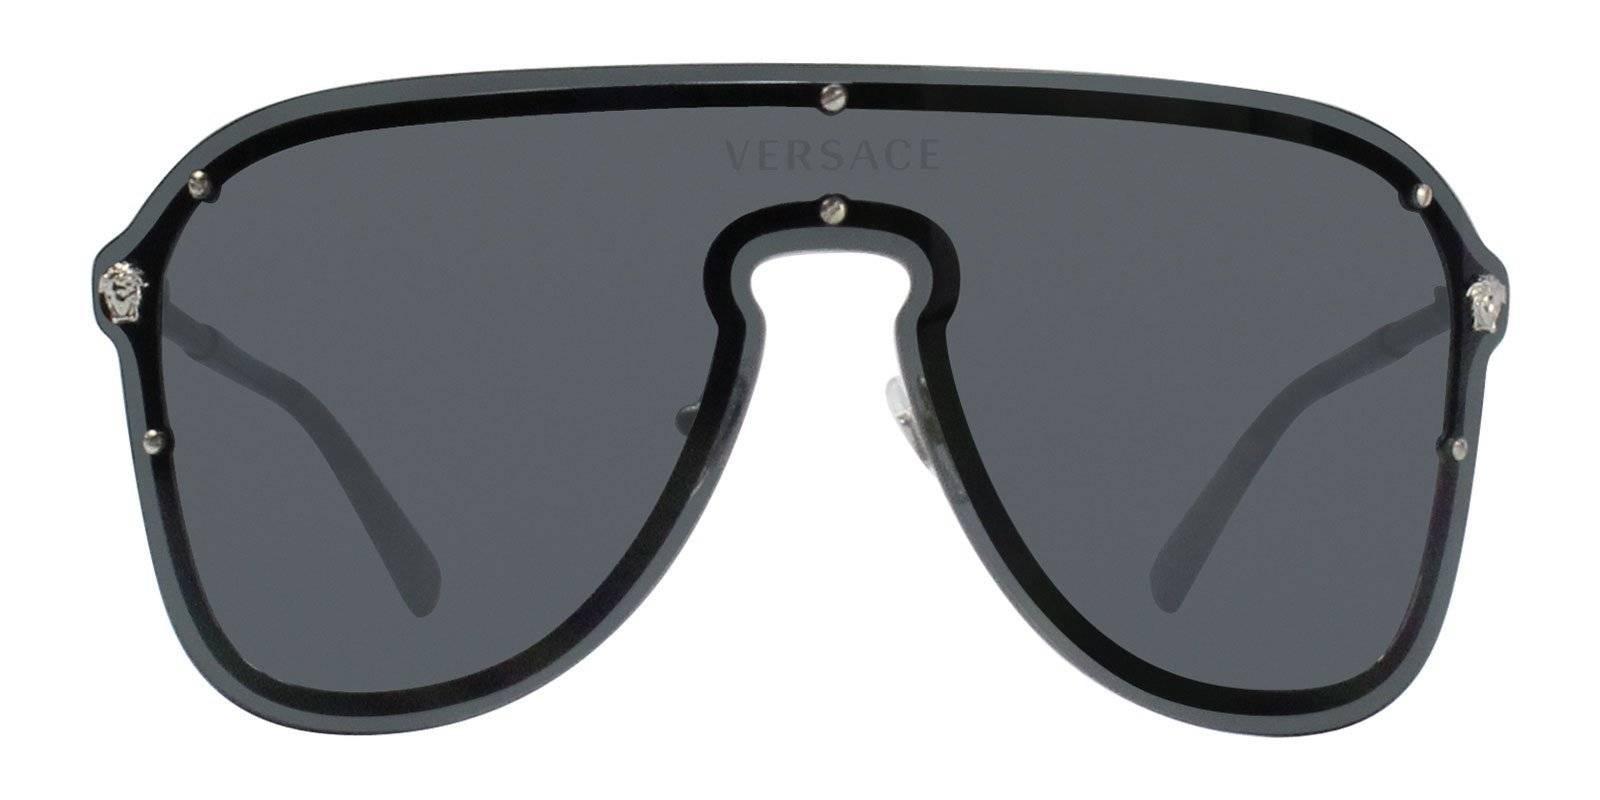 62e5b322af bella hadid versace VE2180 shield sunglasses– Designer Eyes